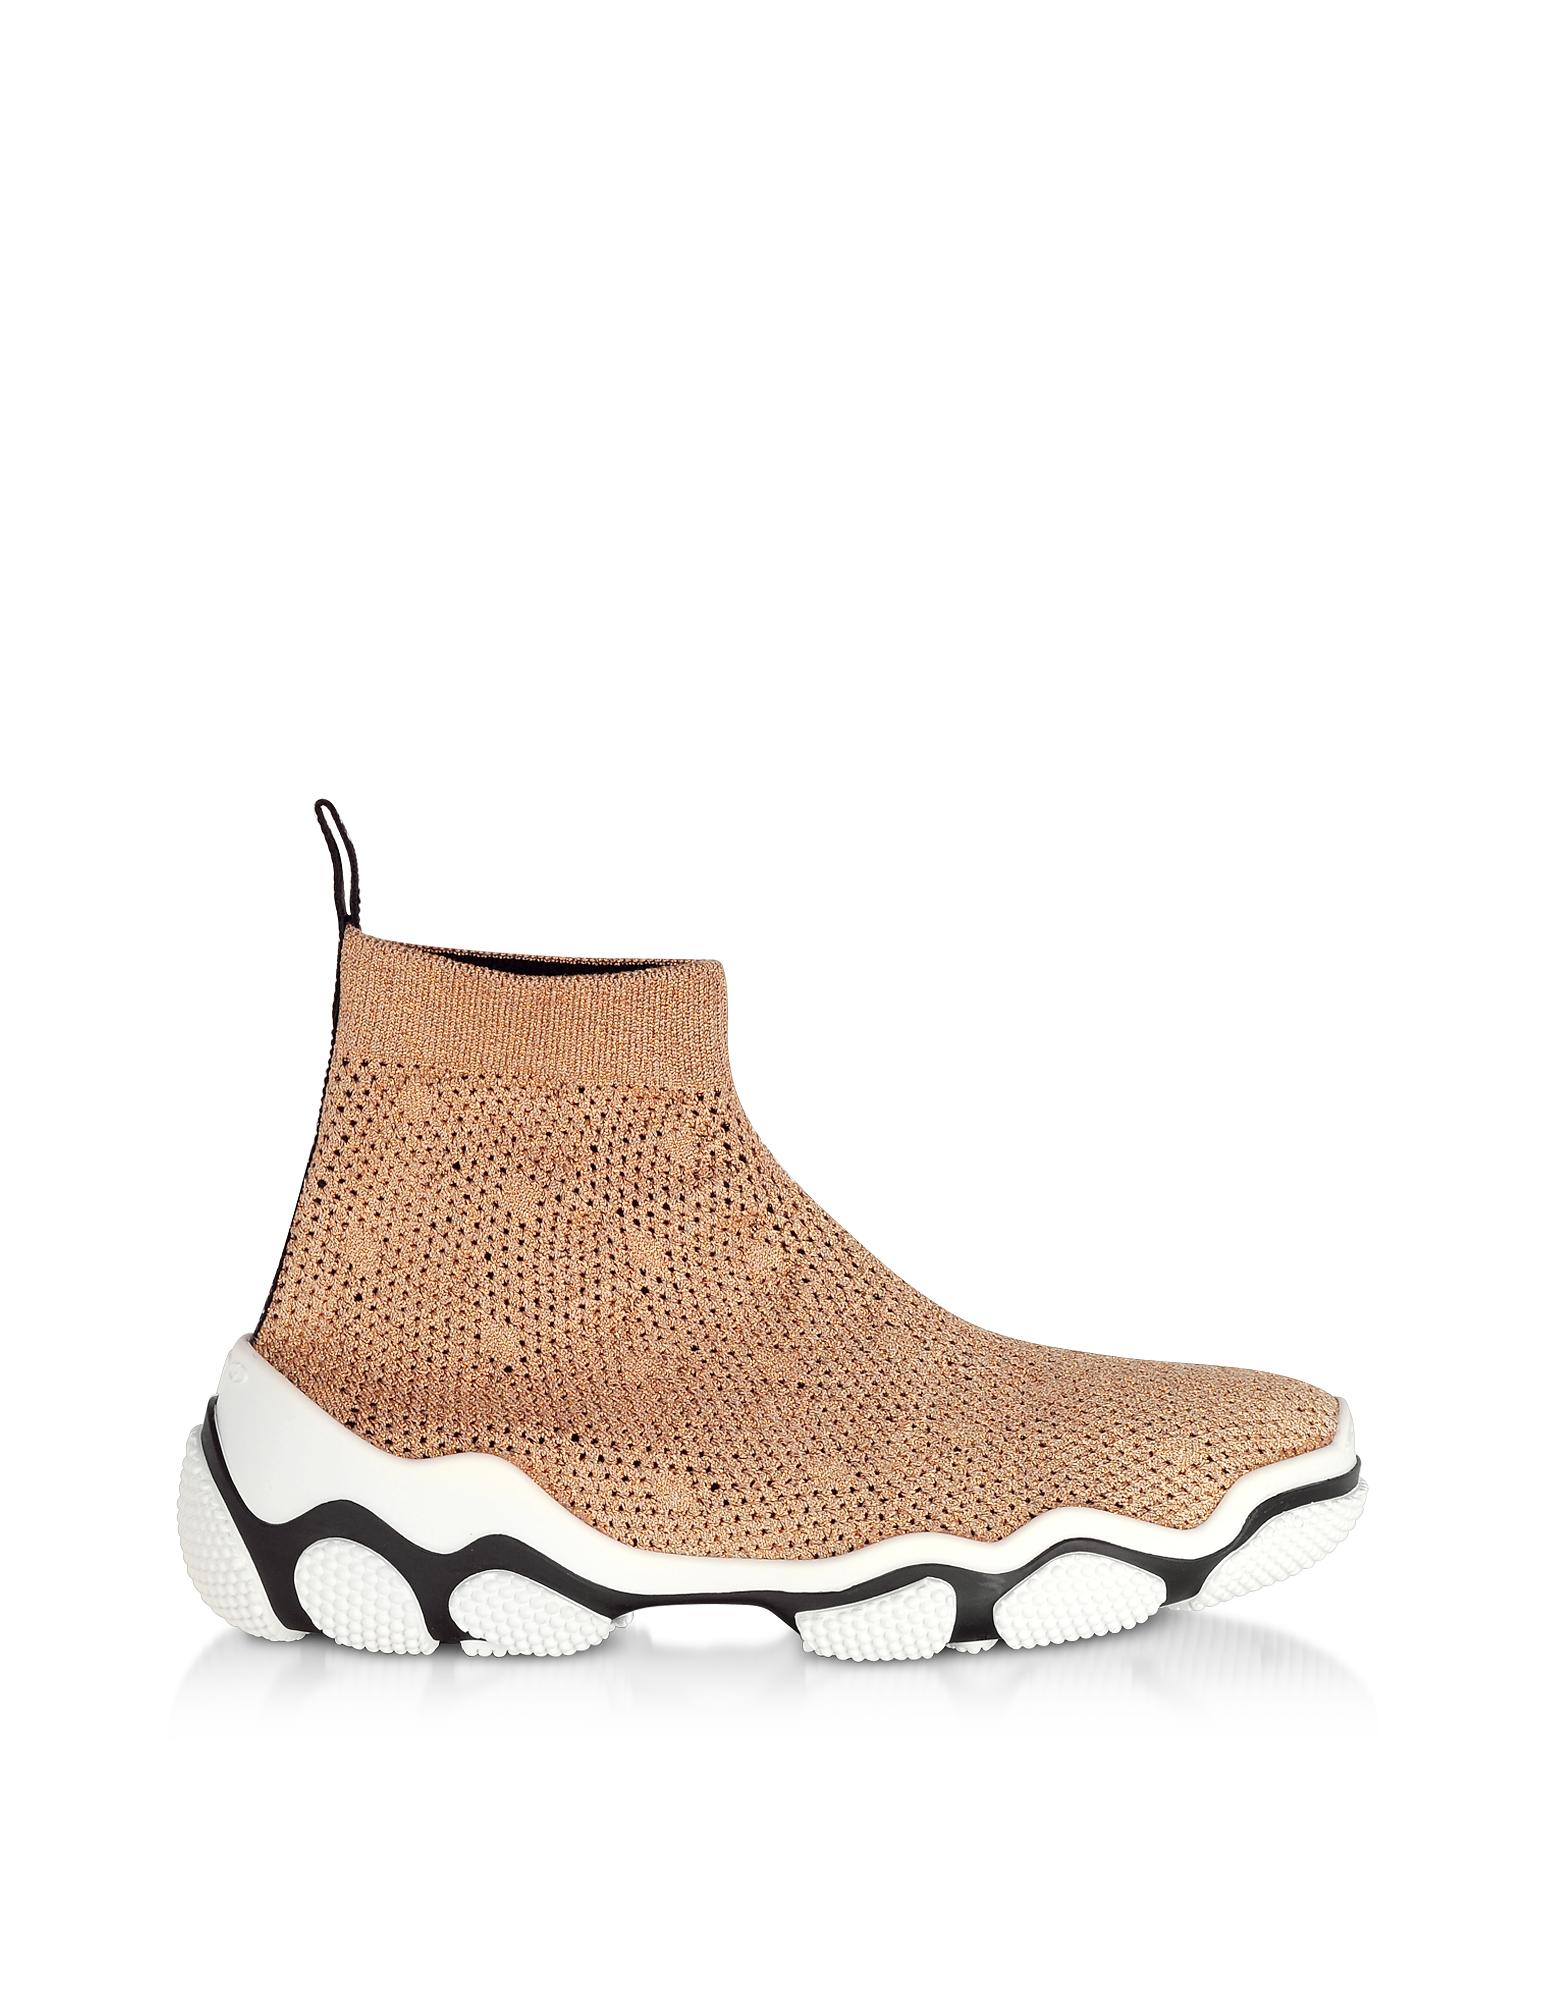 Light Nude Glam Run Sneakers